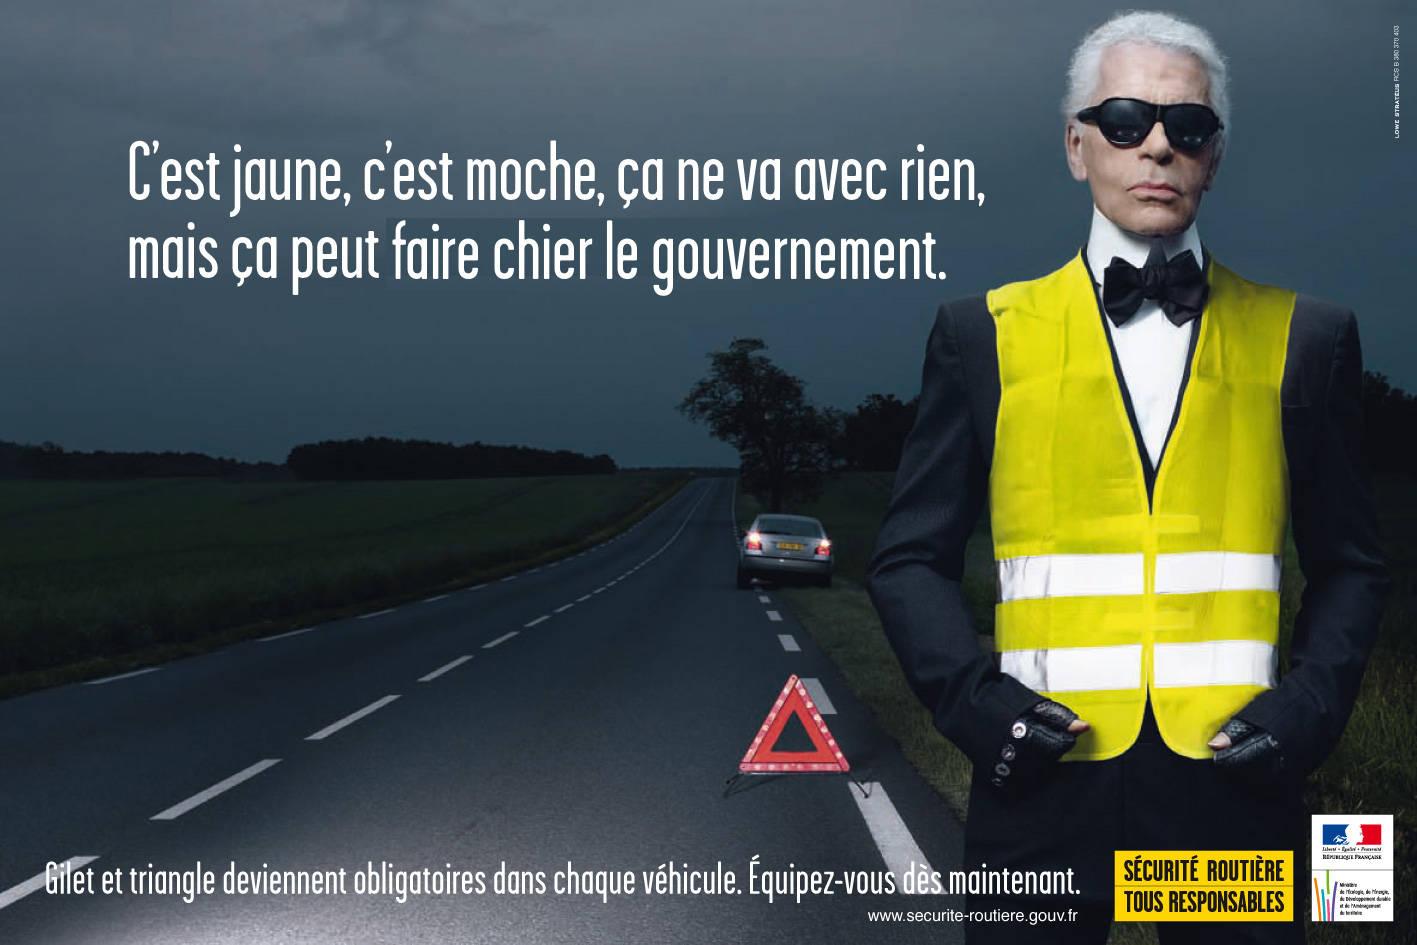 Détournement de la campagnede la sécurité routière pour le gilet jaune : c'est jaune, c'est moche, ça ne va avec rien, mais ça peut faire chier le gouvernement.